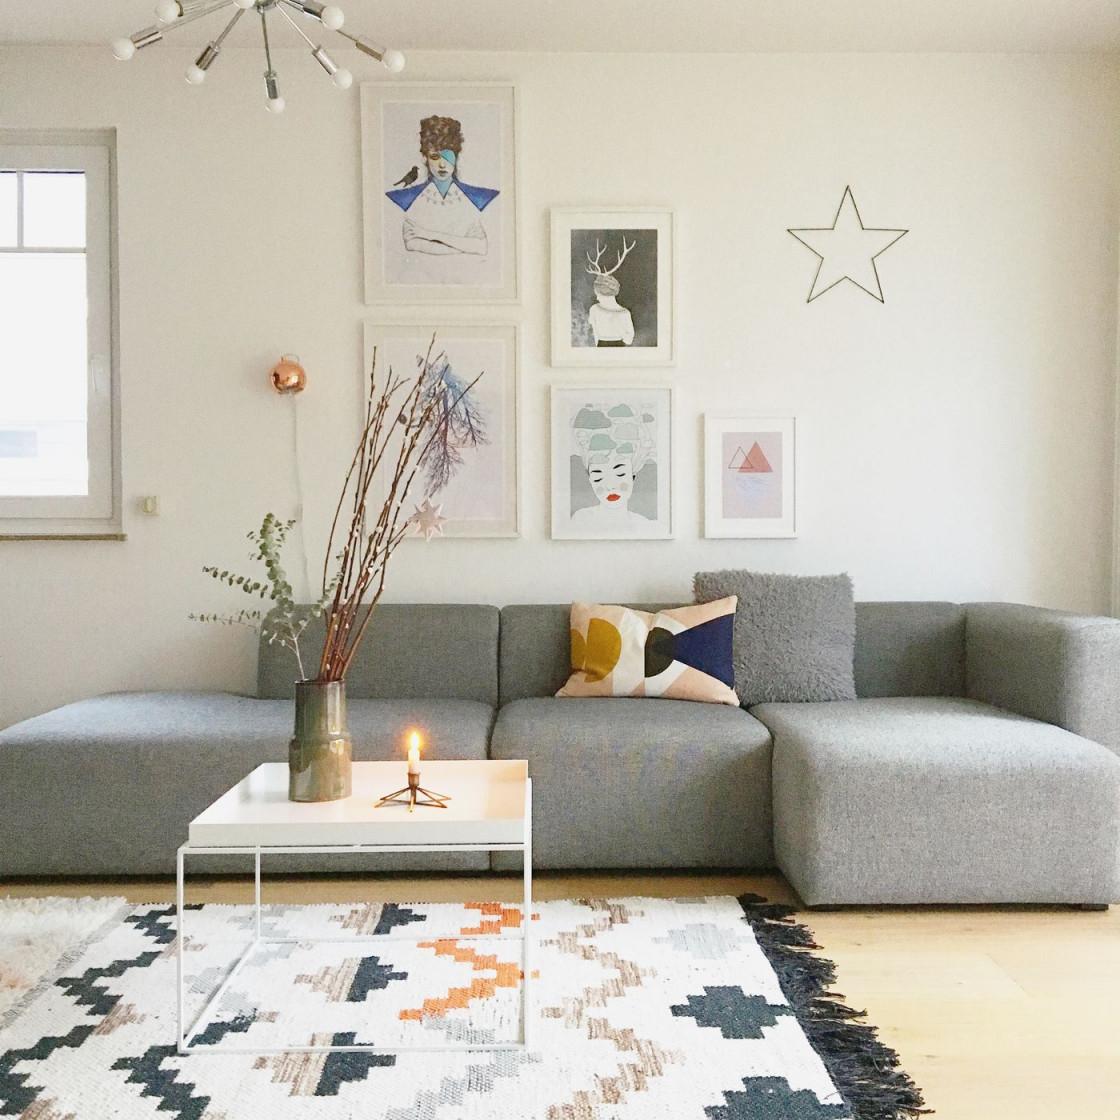 Die Besten Ideen Für Die Wandgestaltung Im Wohnzimmer von Wandgestaltung Ideen Wohnzimmer Photo